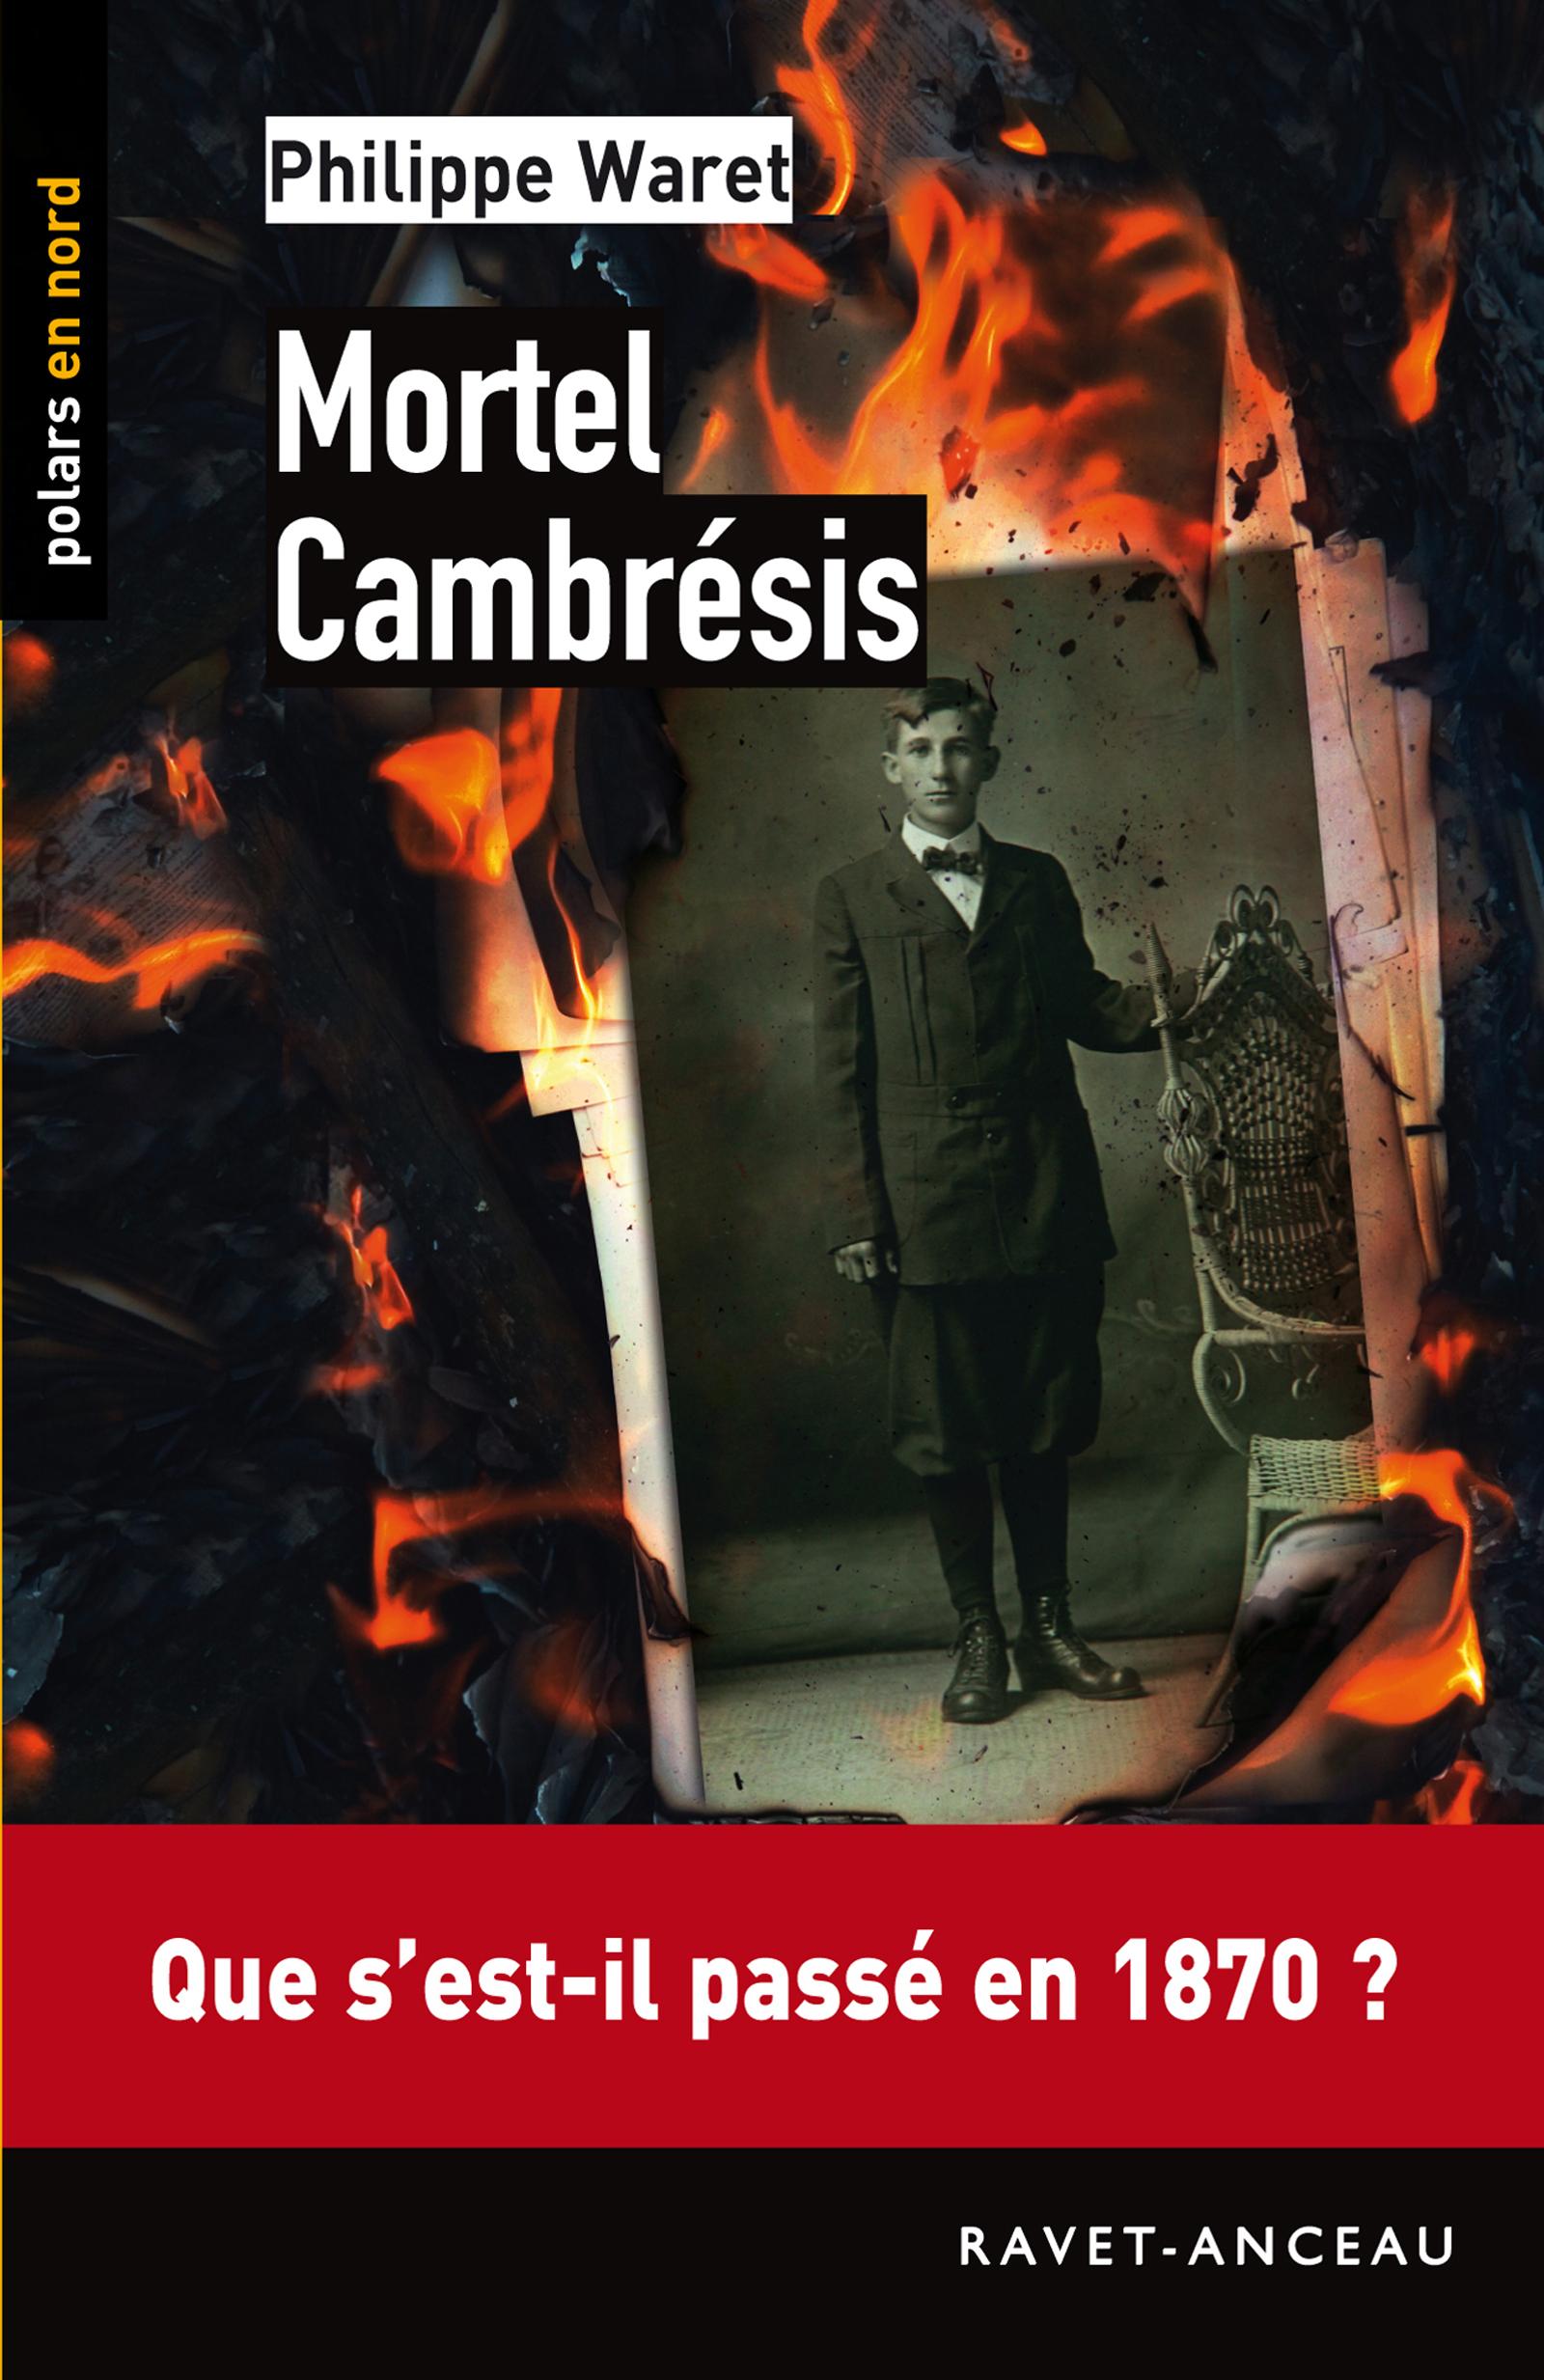 MORTEL CAMBRESIS